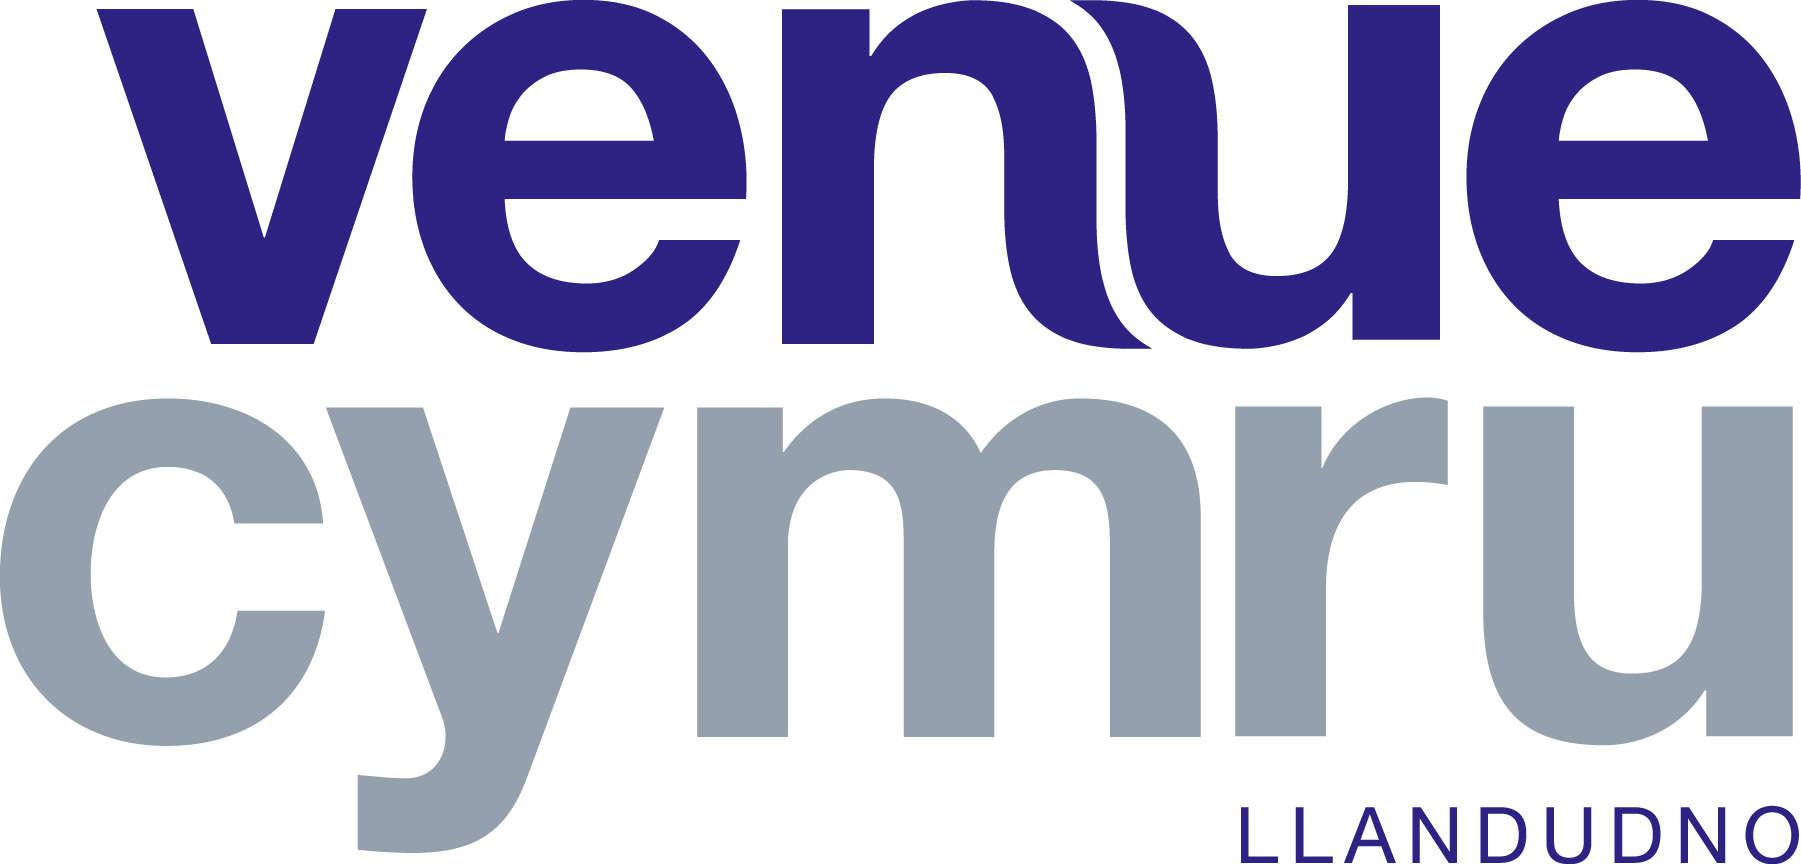 3. Venue Cymru